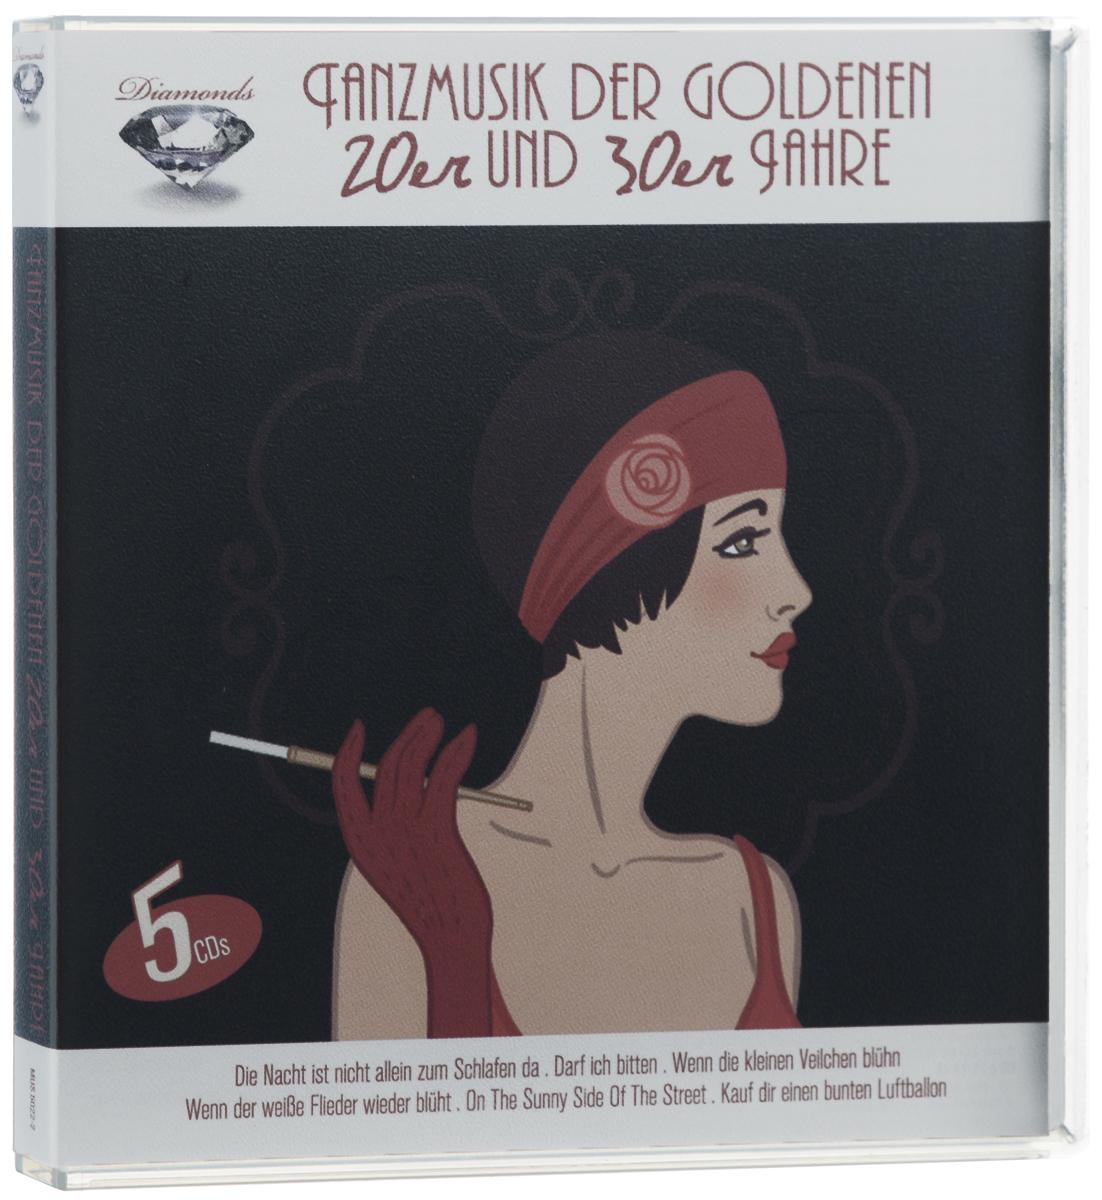 Diamonds. Tanzmusik Der Goldenen 20er Und 30er Jahre (5 CD)